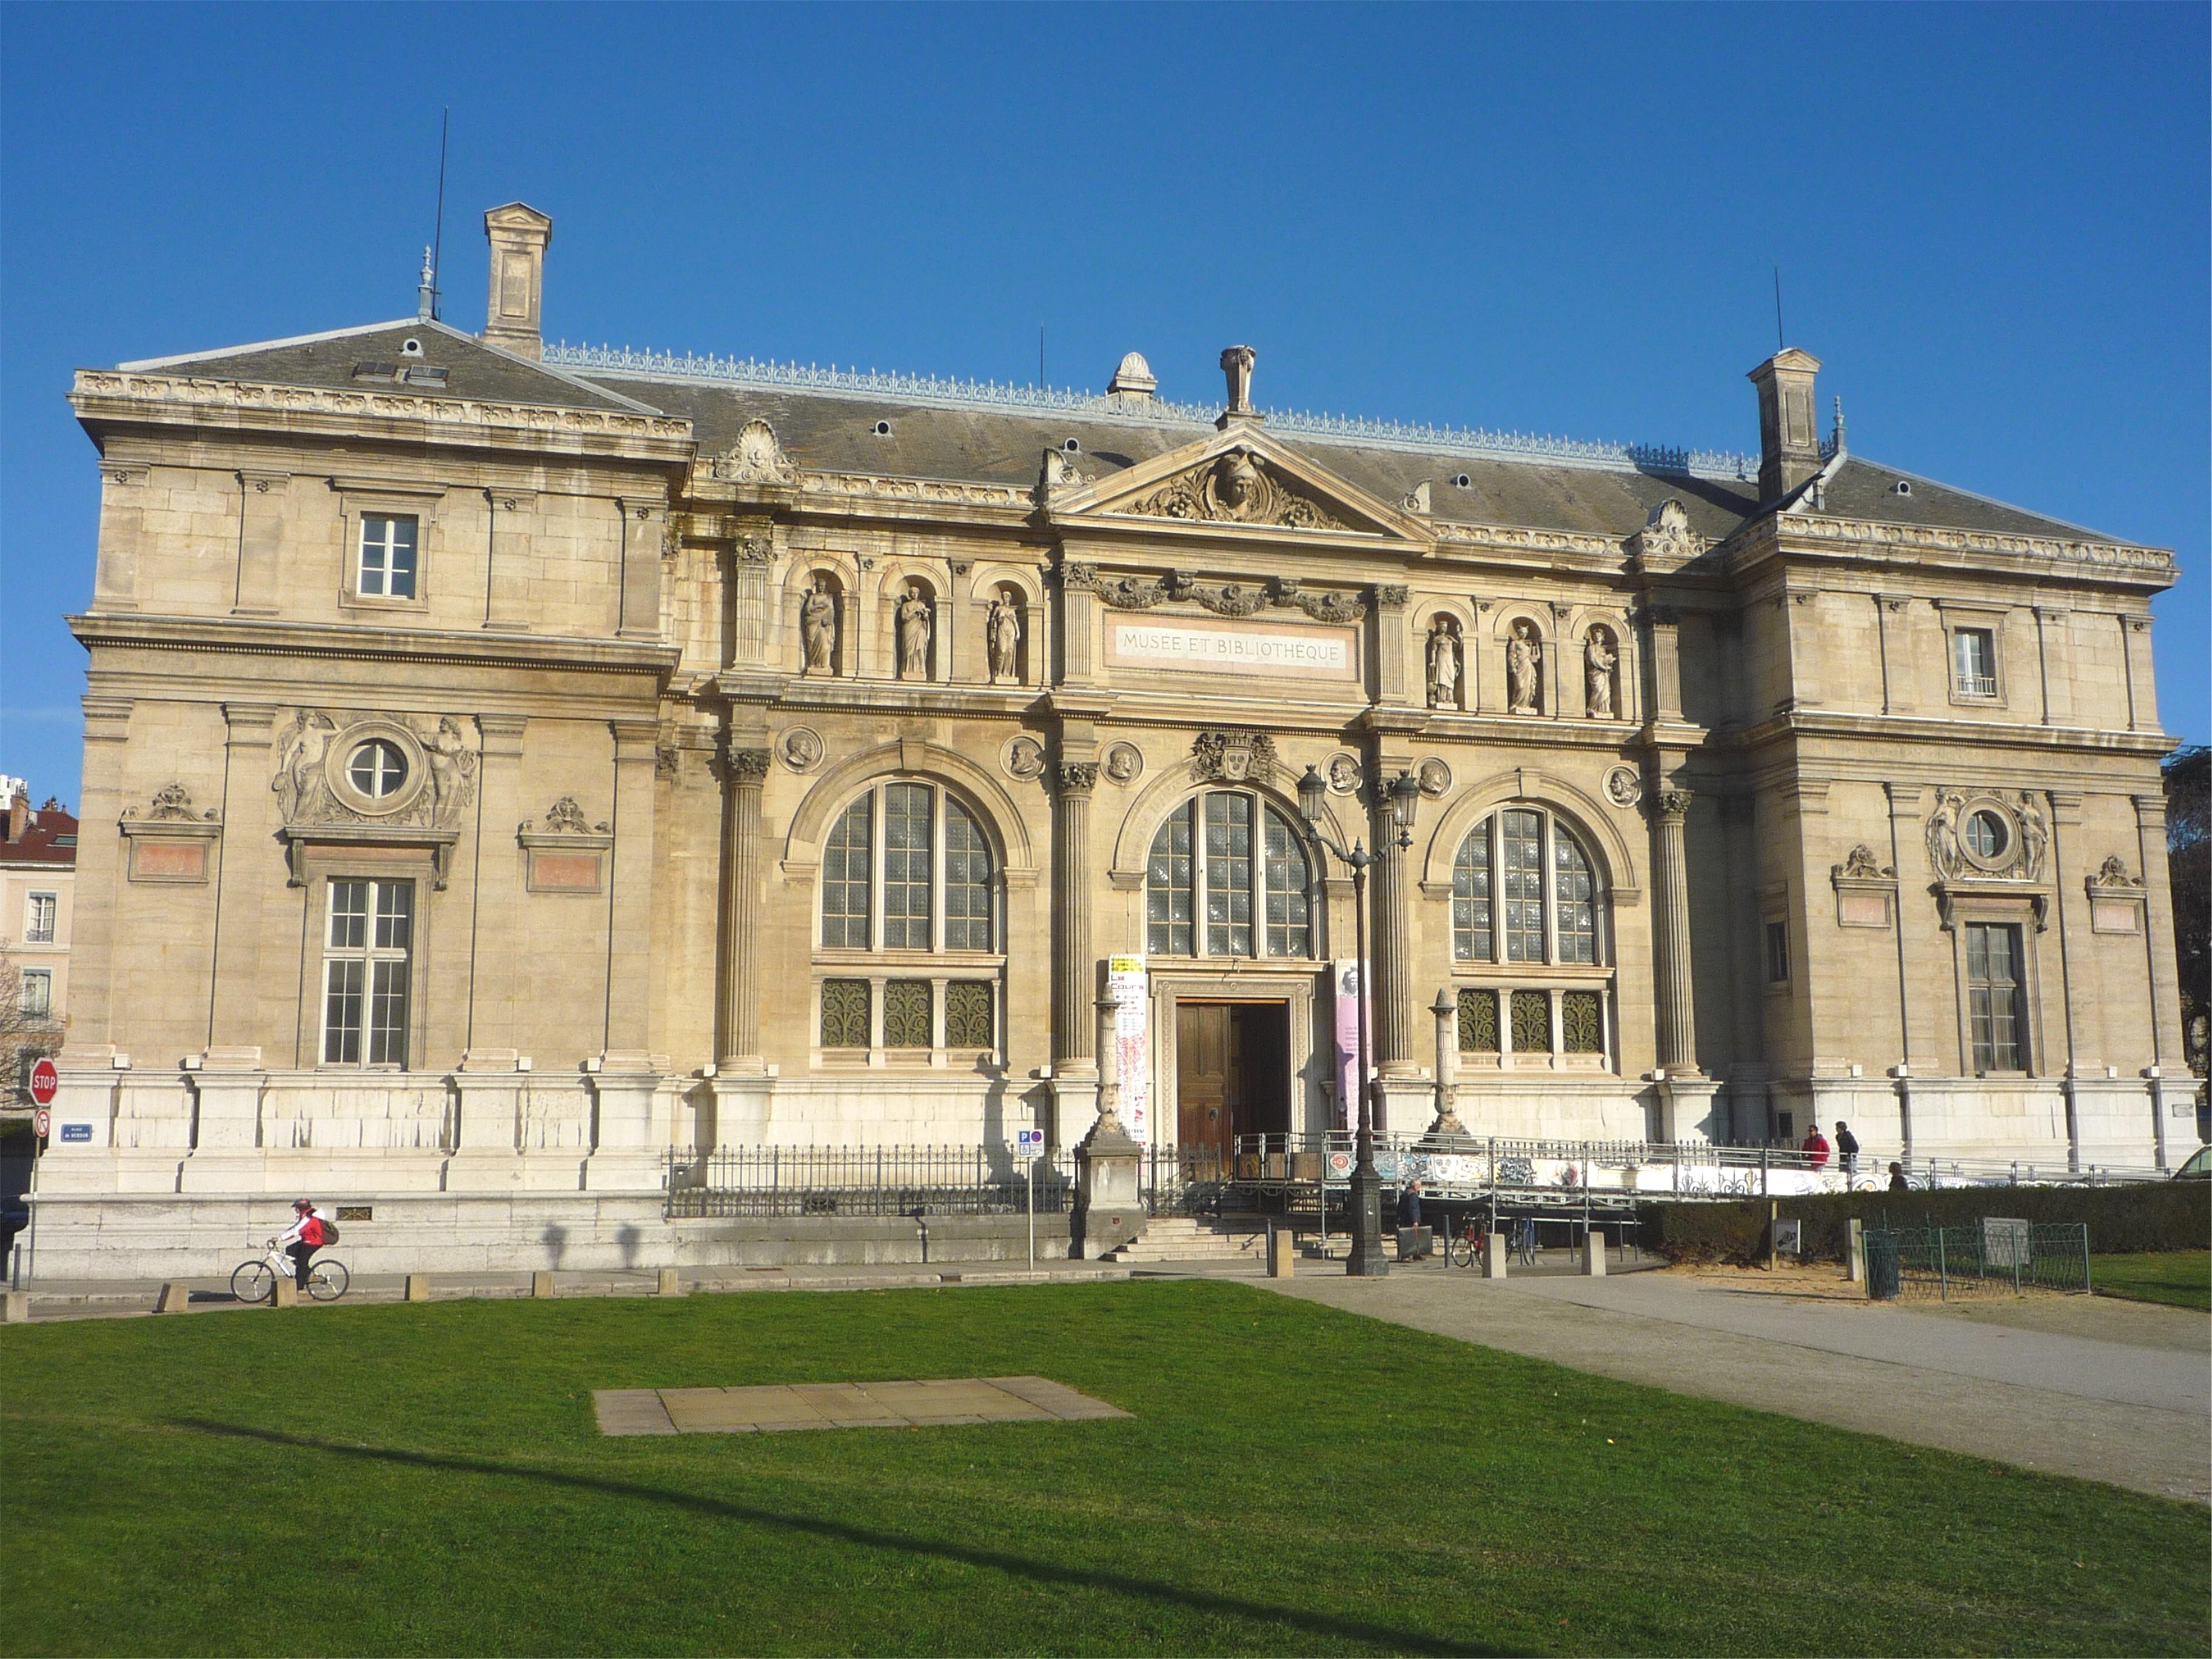 musee bibliotheque de grenoble wikipedia